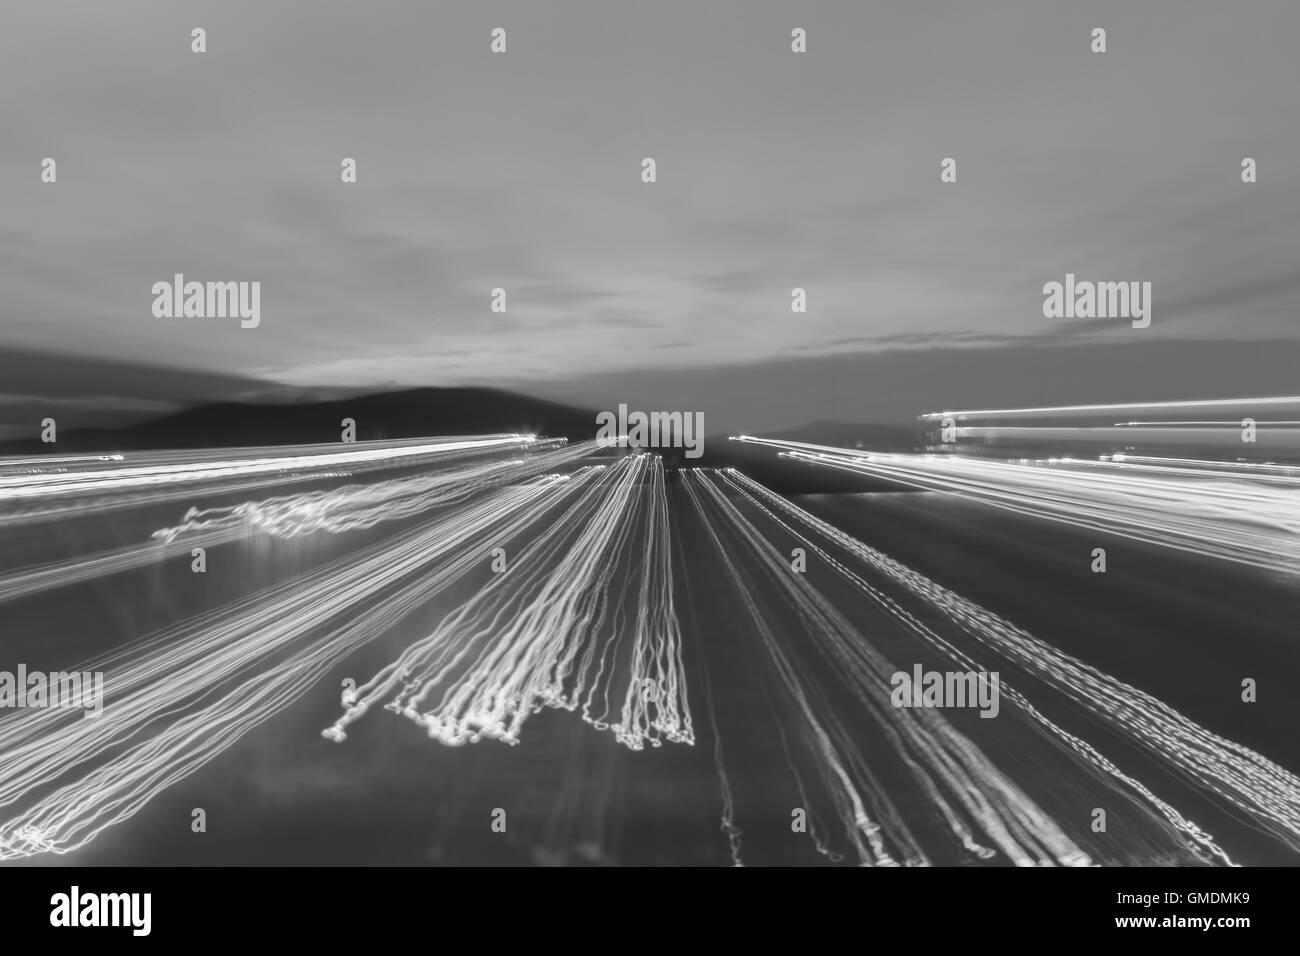 Schwarzen & weißes Licht in der Nacht. Hintergrundmuster Stockbild